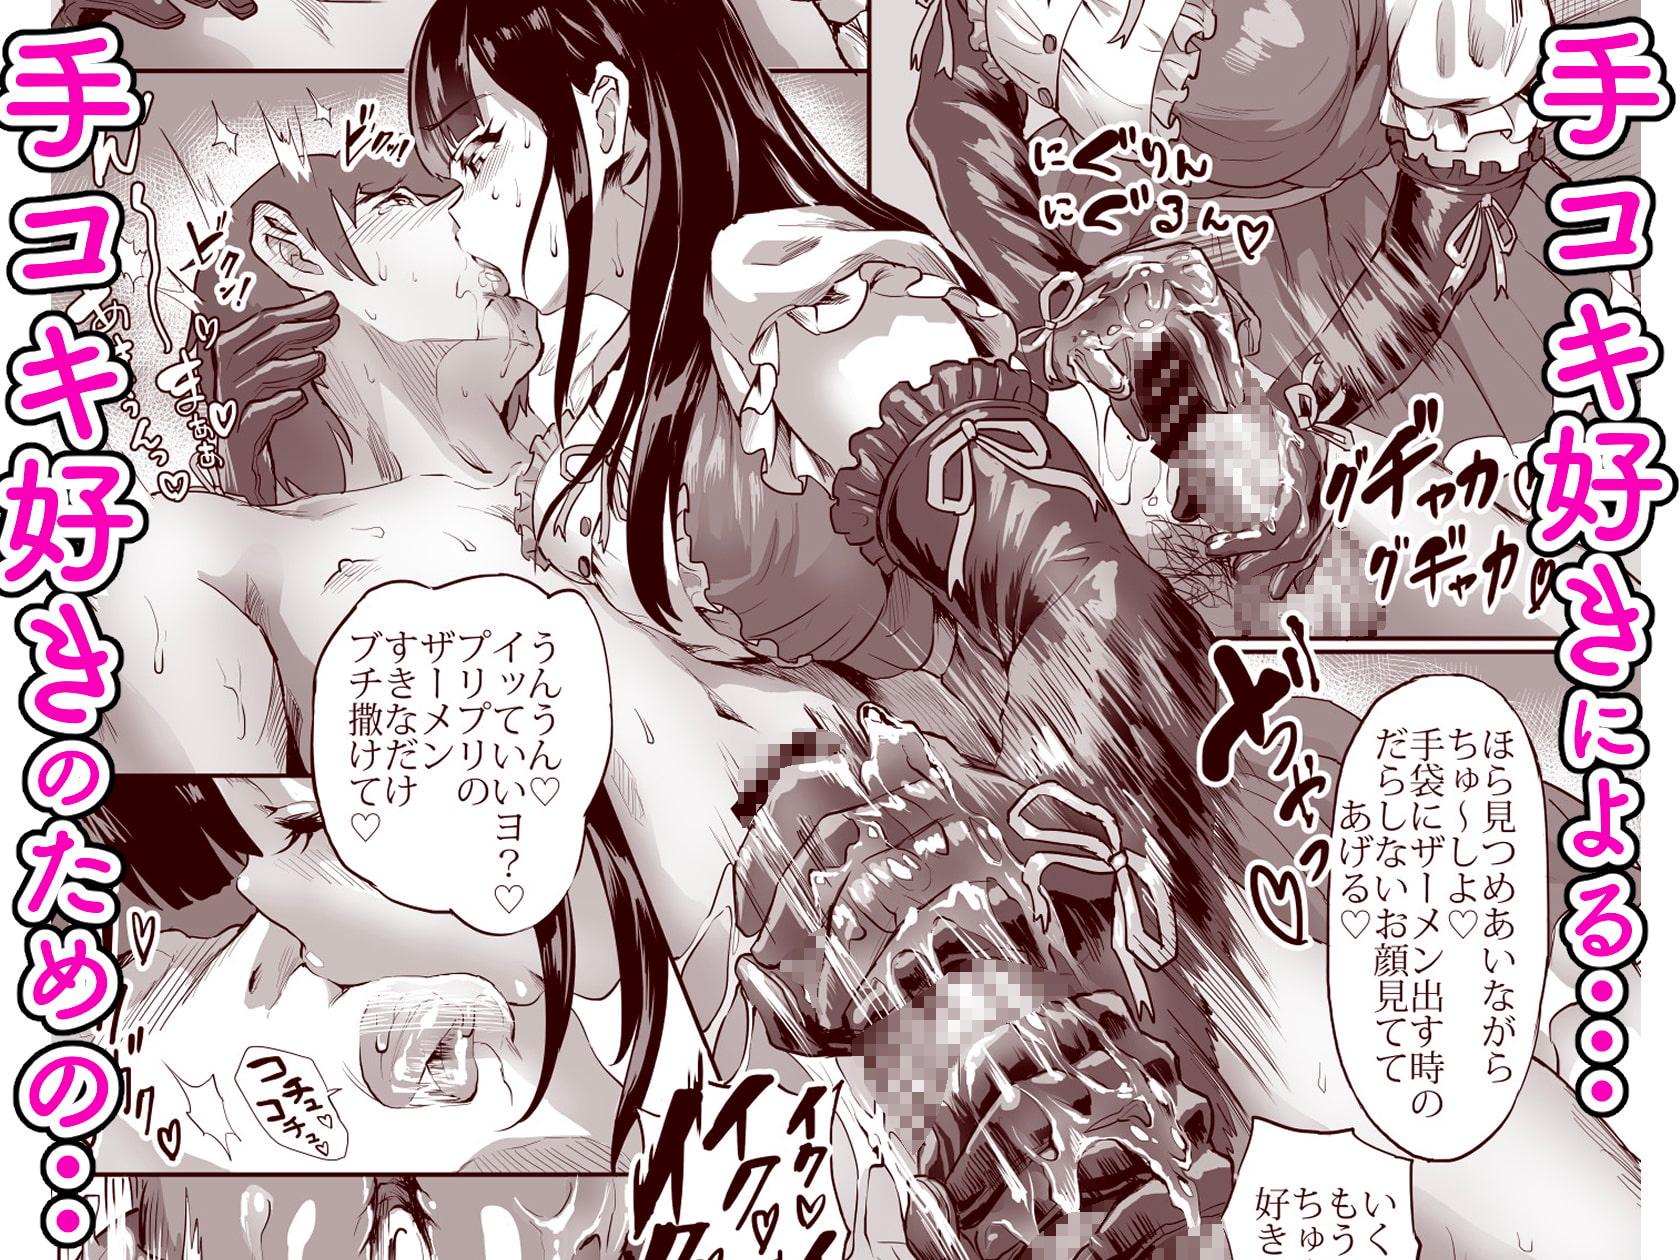 RJ325158 #裏アカ女子に搾られたい [20210713]